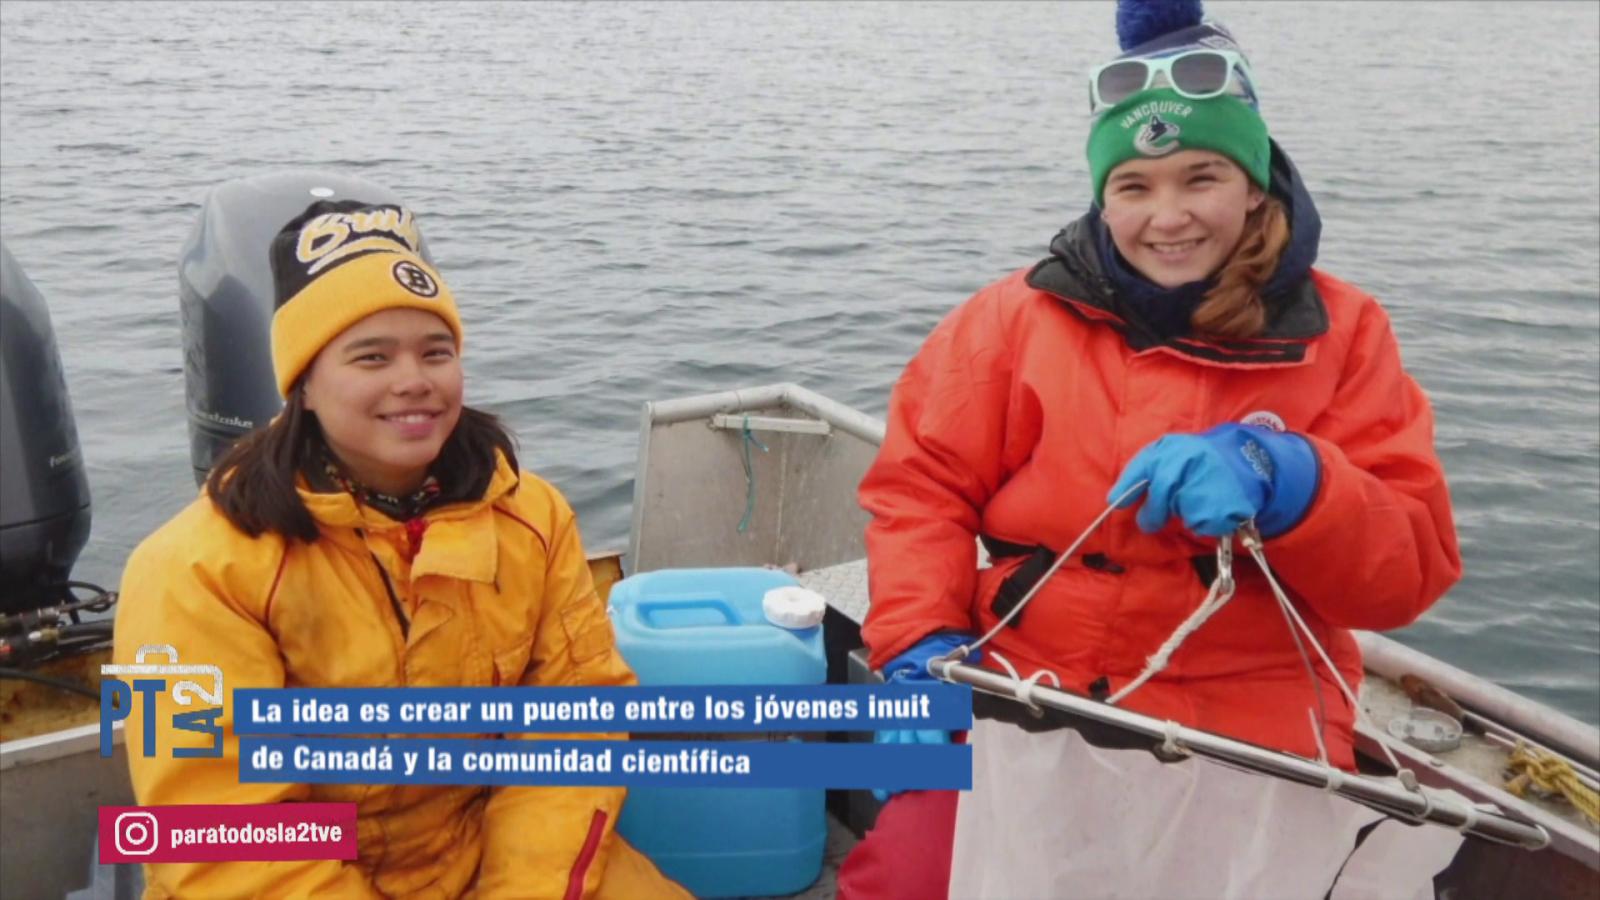 Jóvenes inuits de Canadá y comunidad científica